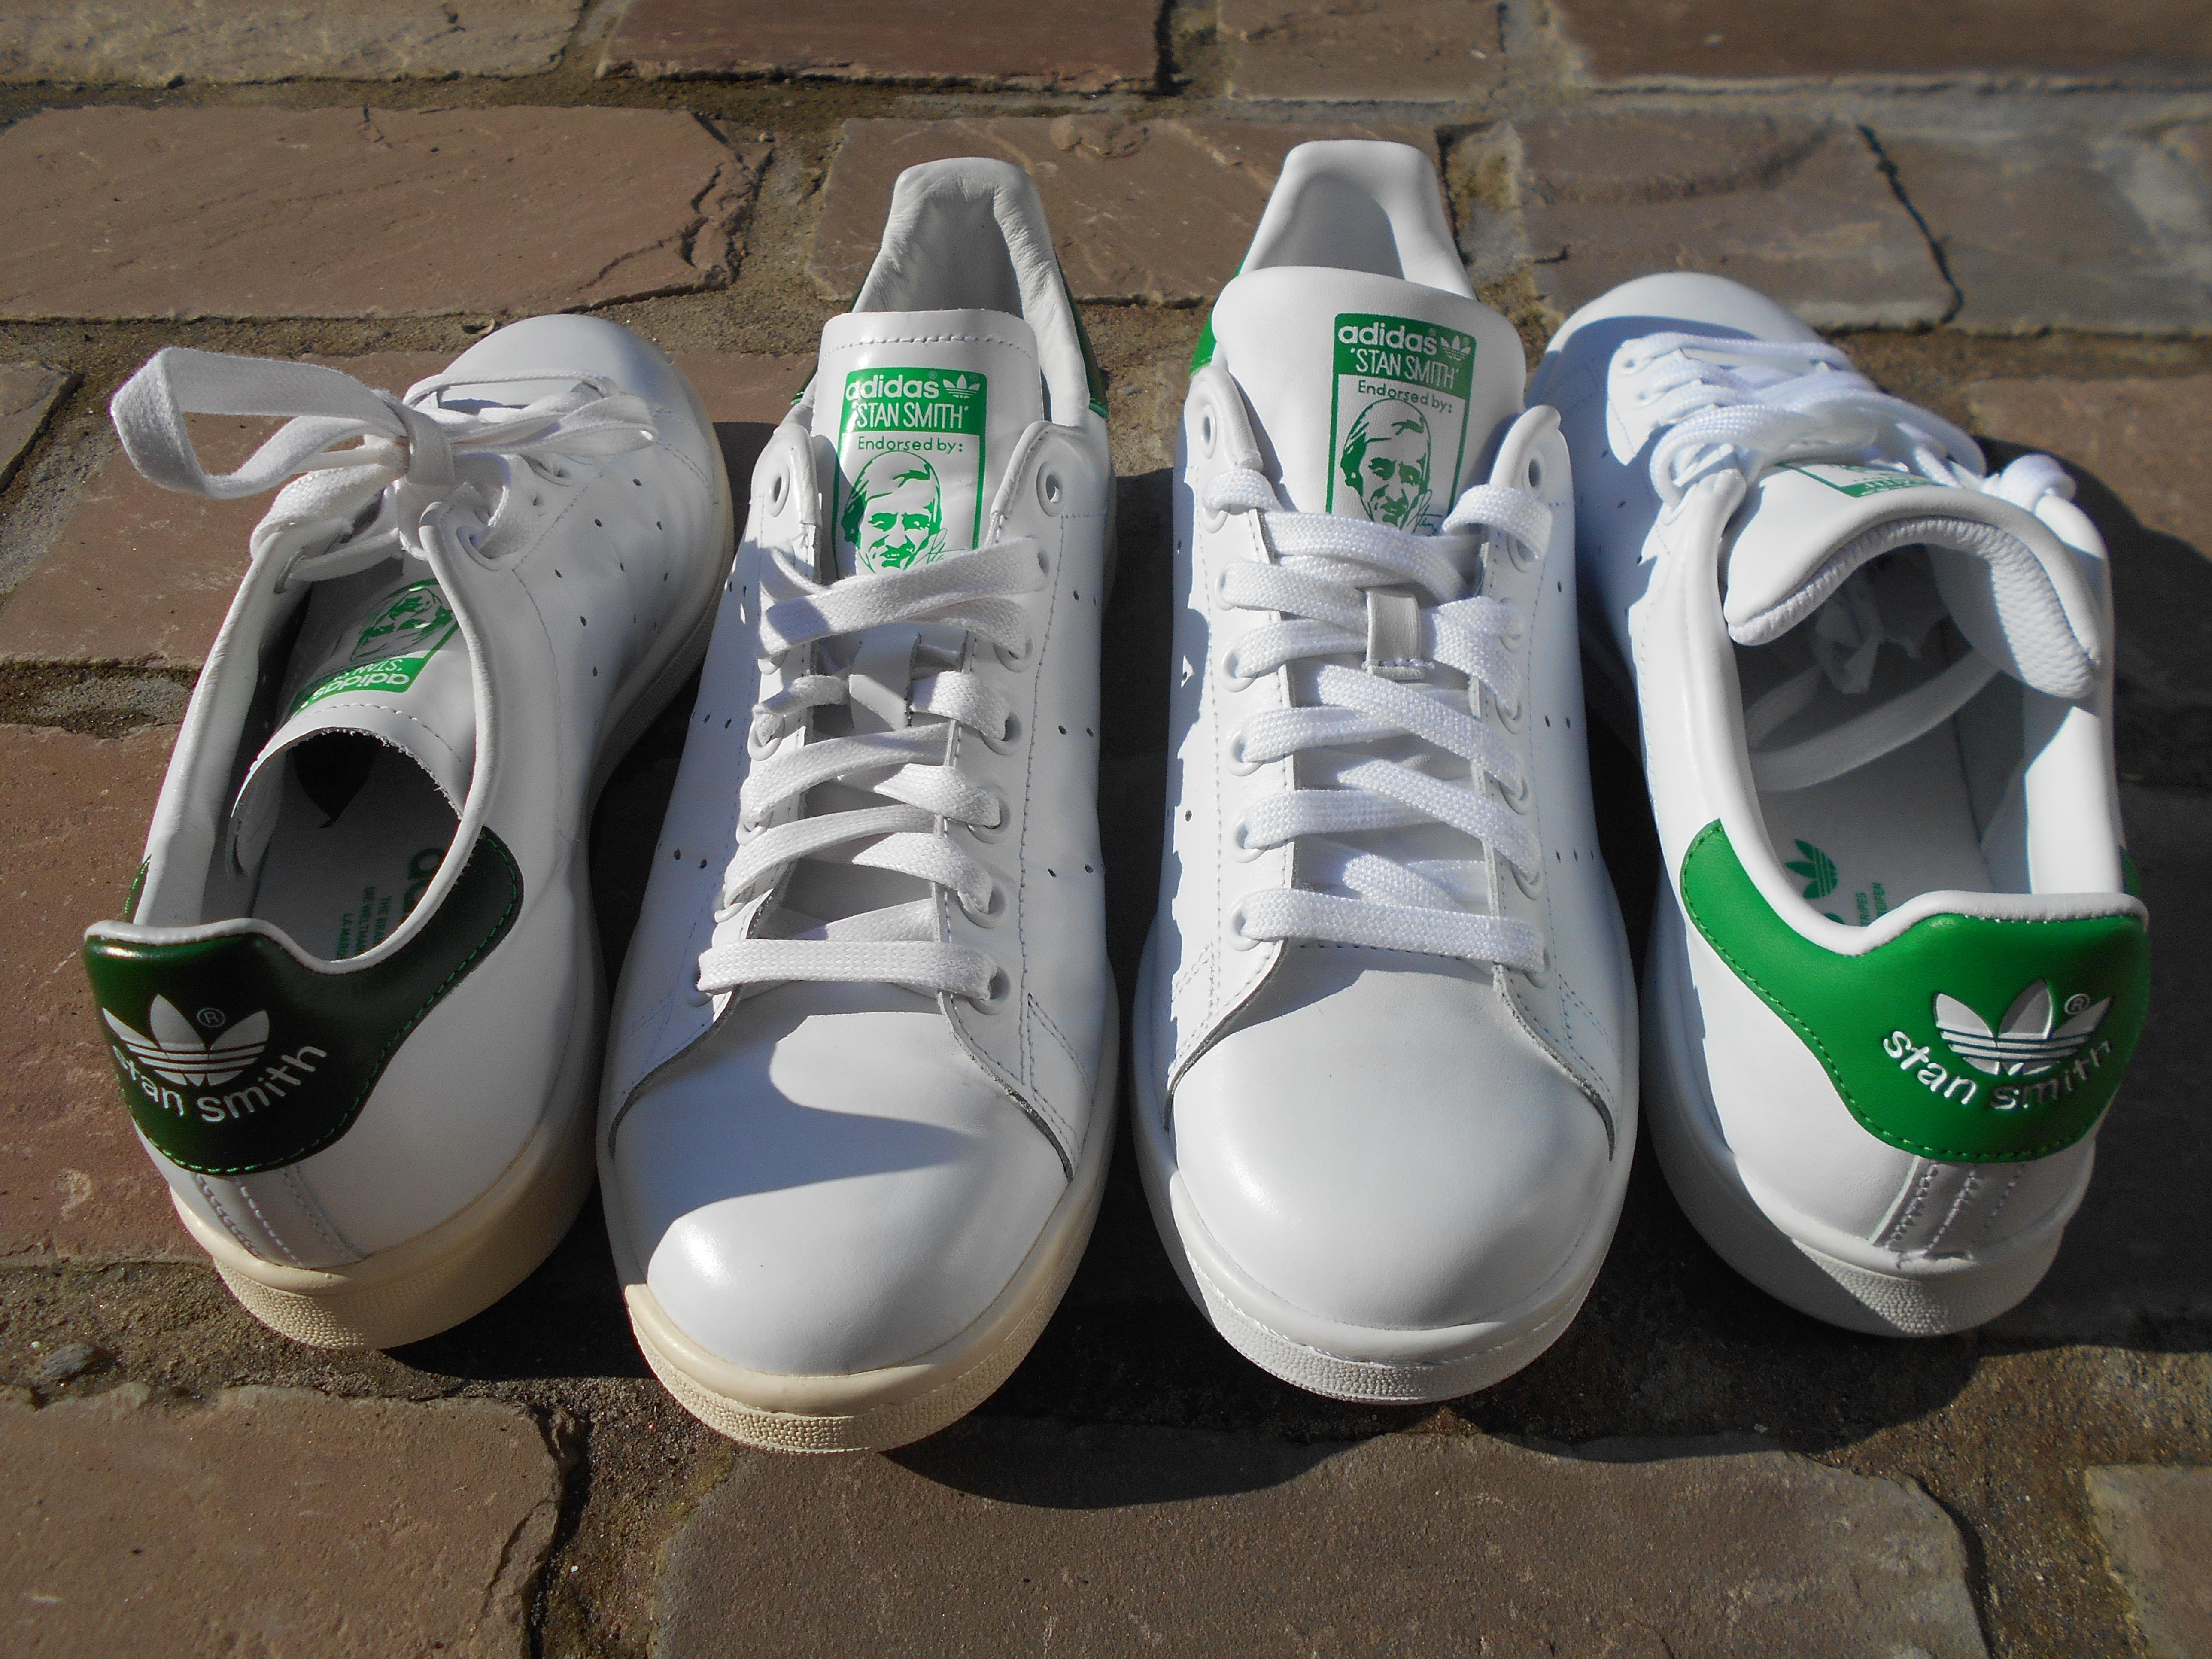 revendeur 8fae4 11cc9 File:Adidas Stan Smith Vintage et Adidas Stan Smith 2015.jpg ...